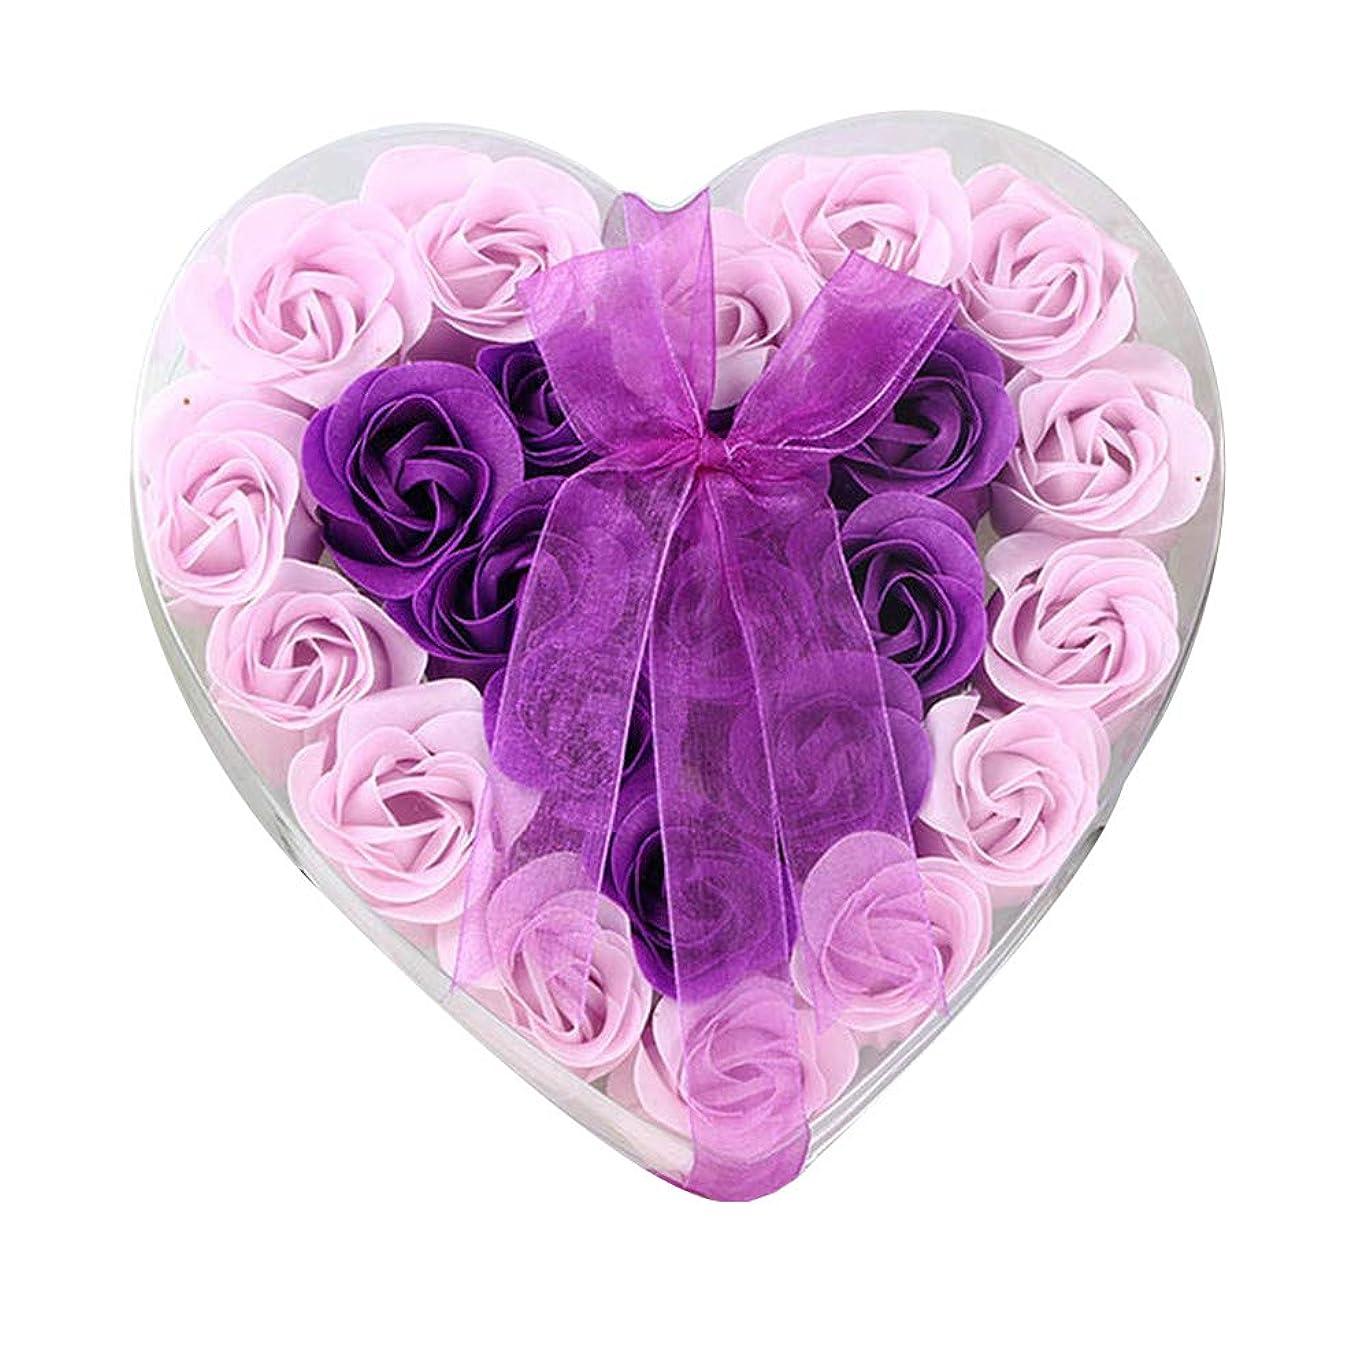 スクリュー乱れ狂った24個の手作りのローズ香りのバスソープの花びら香りのバスソープは、ギフトボックスの花びらをバラ (色 : 紫の)